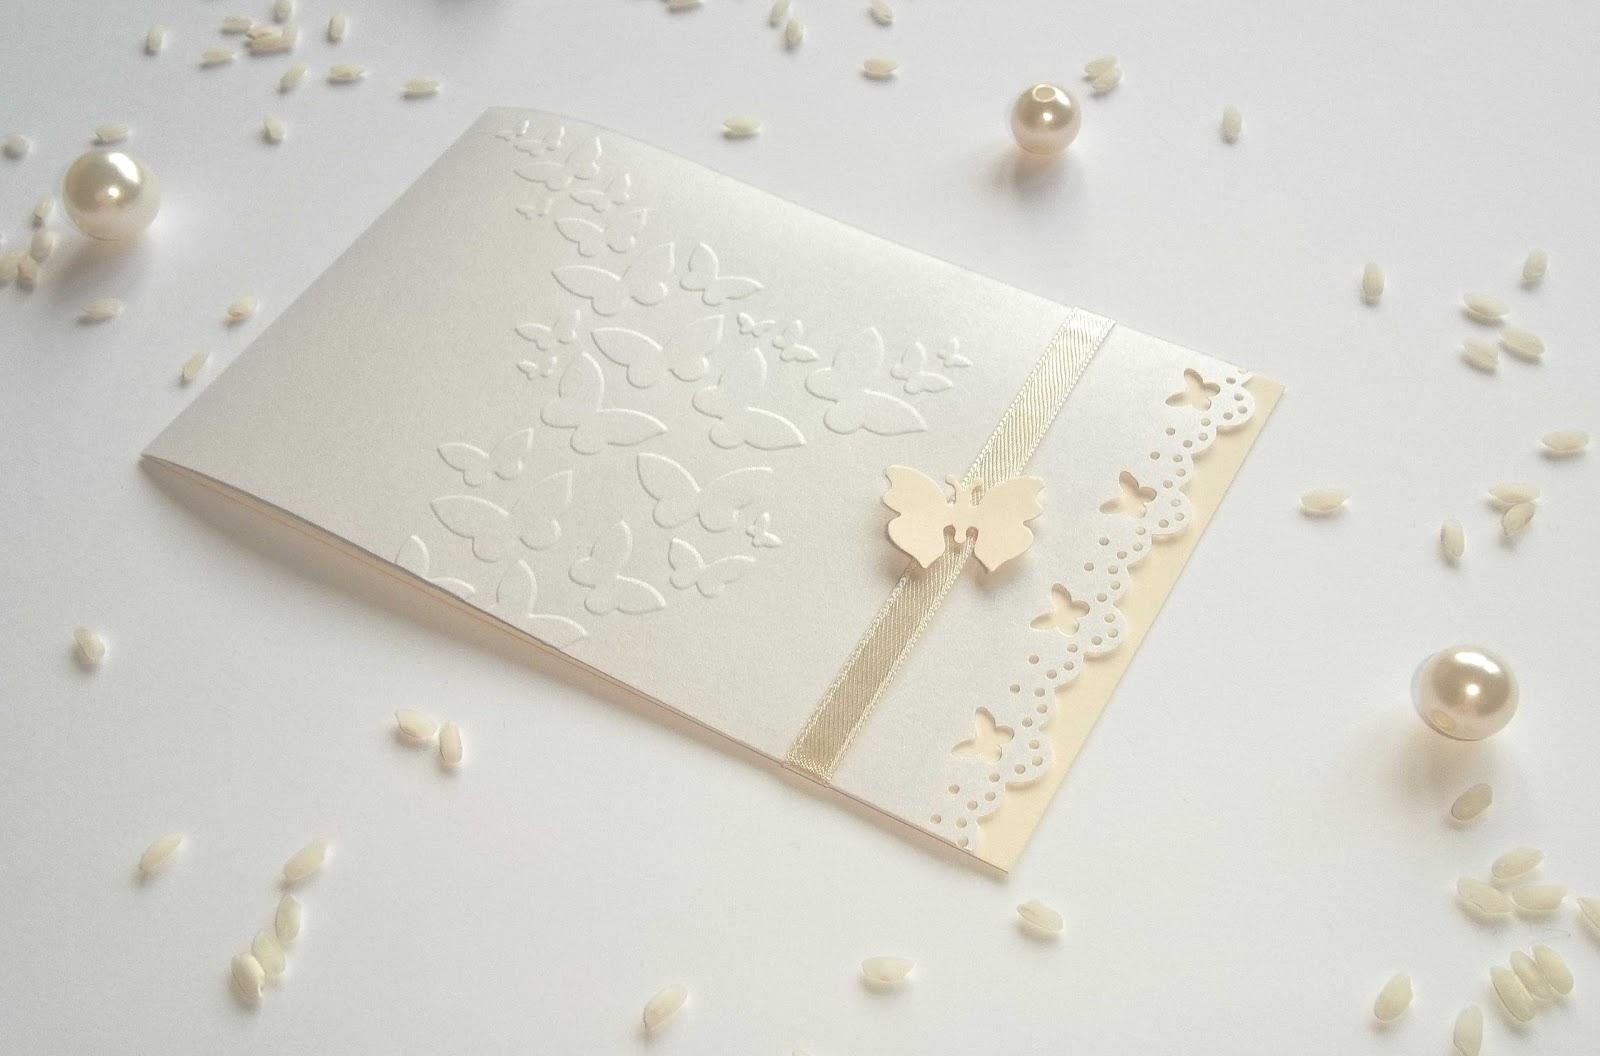 sara crea partecipazioni eleganti per matrimonio e inviti